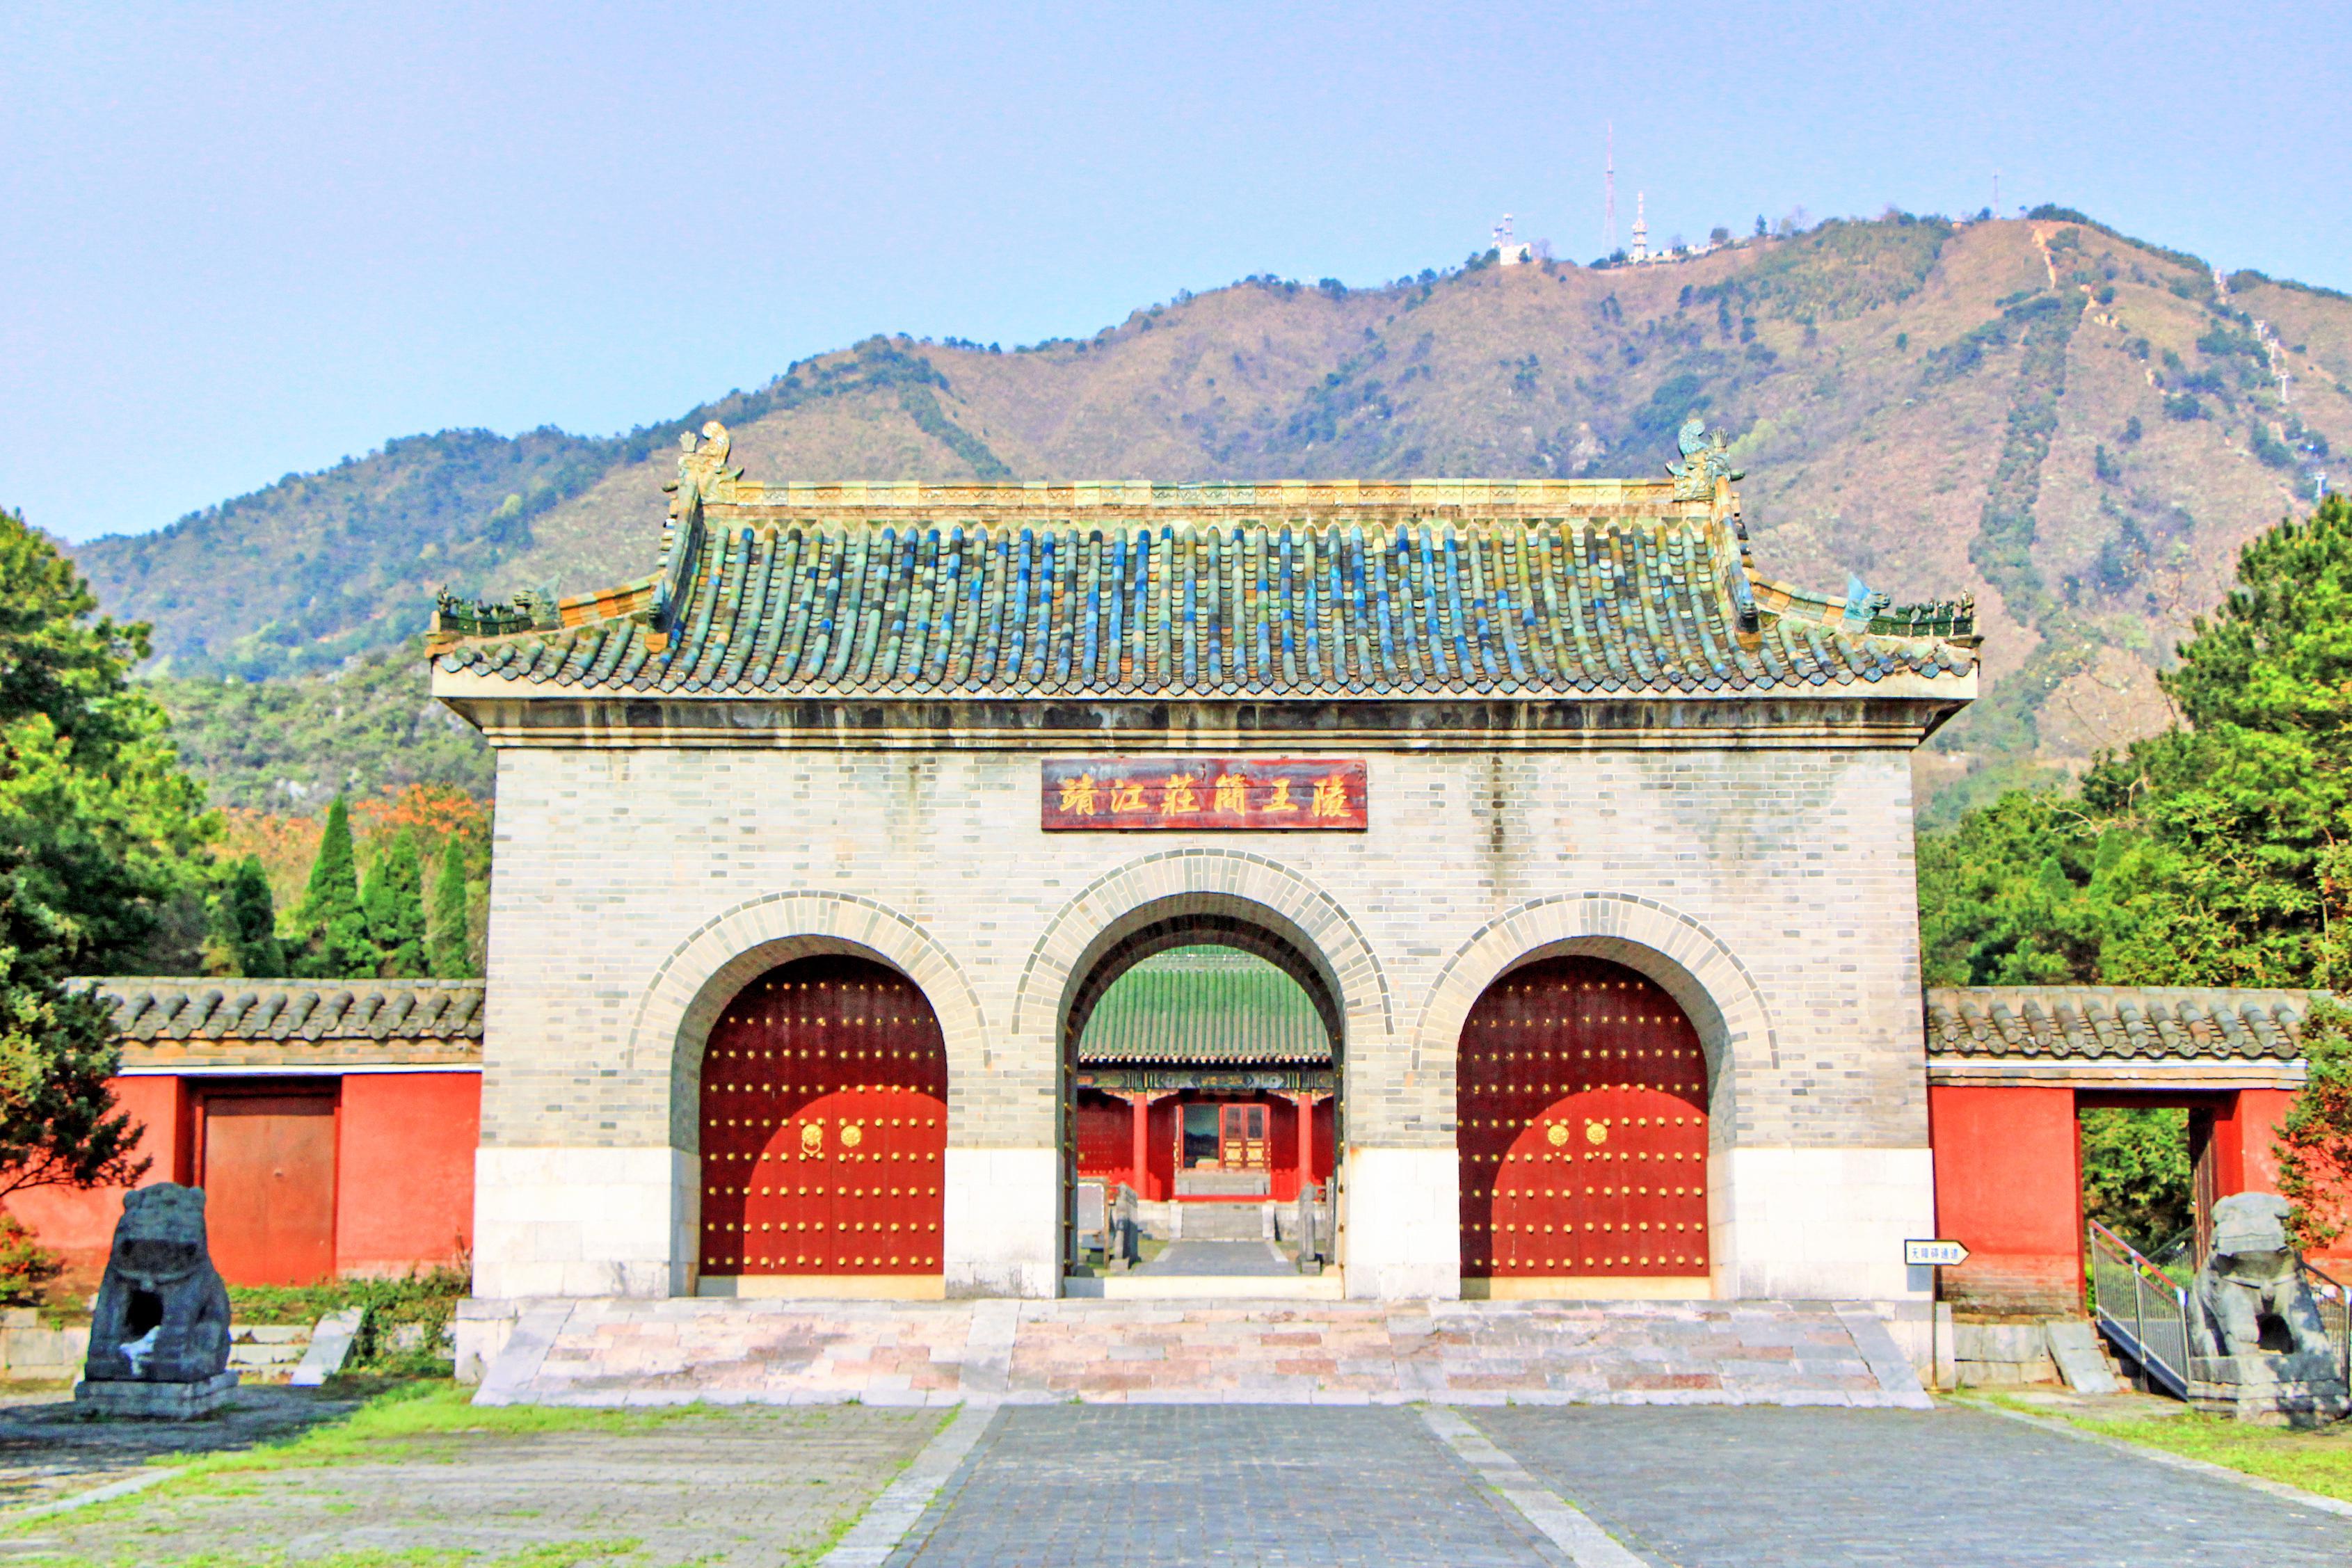 Mausoleums of Jingjiang Princes